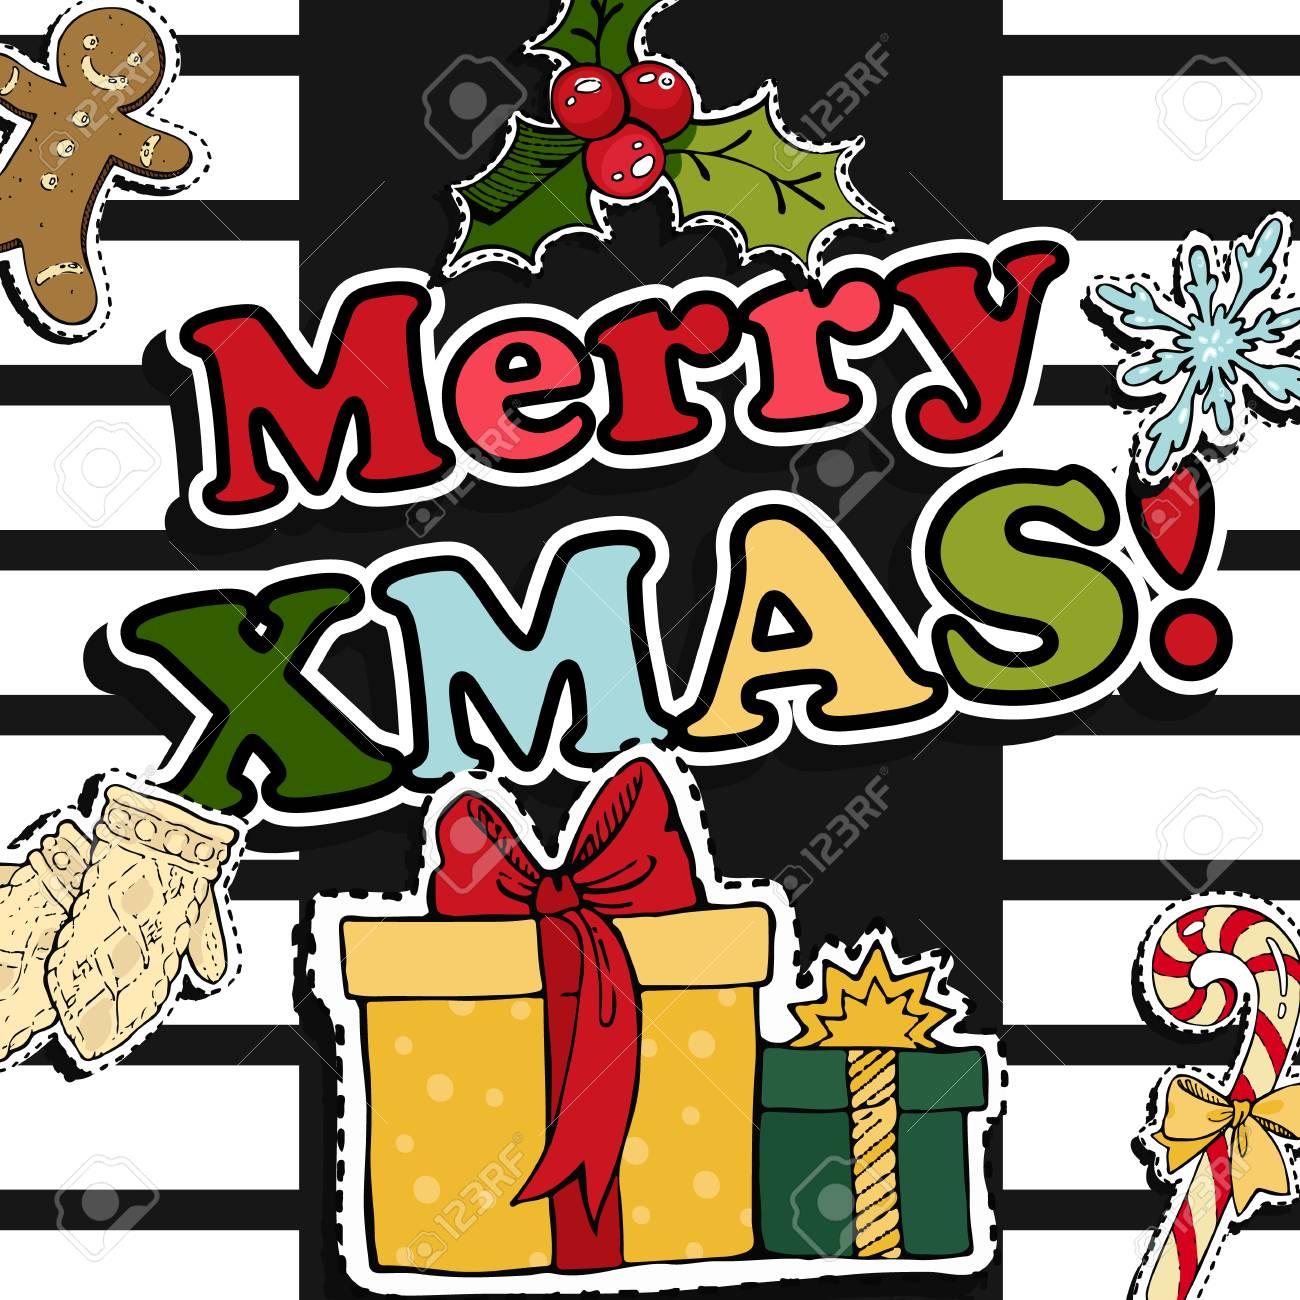 Adesivi Buon Natale.Disegno Di Cartolina D Auguri Di Buon Natale Con Badge Di Patch Retro Di Natale Adesivi Illustrazione Vettoriale